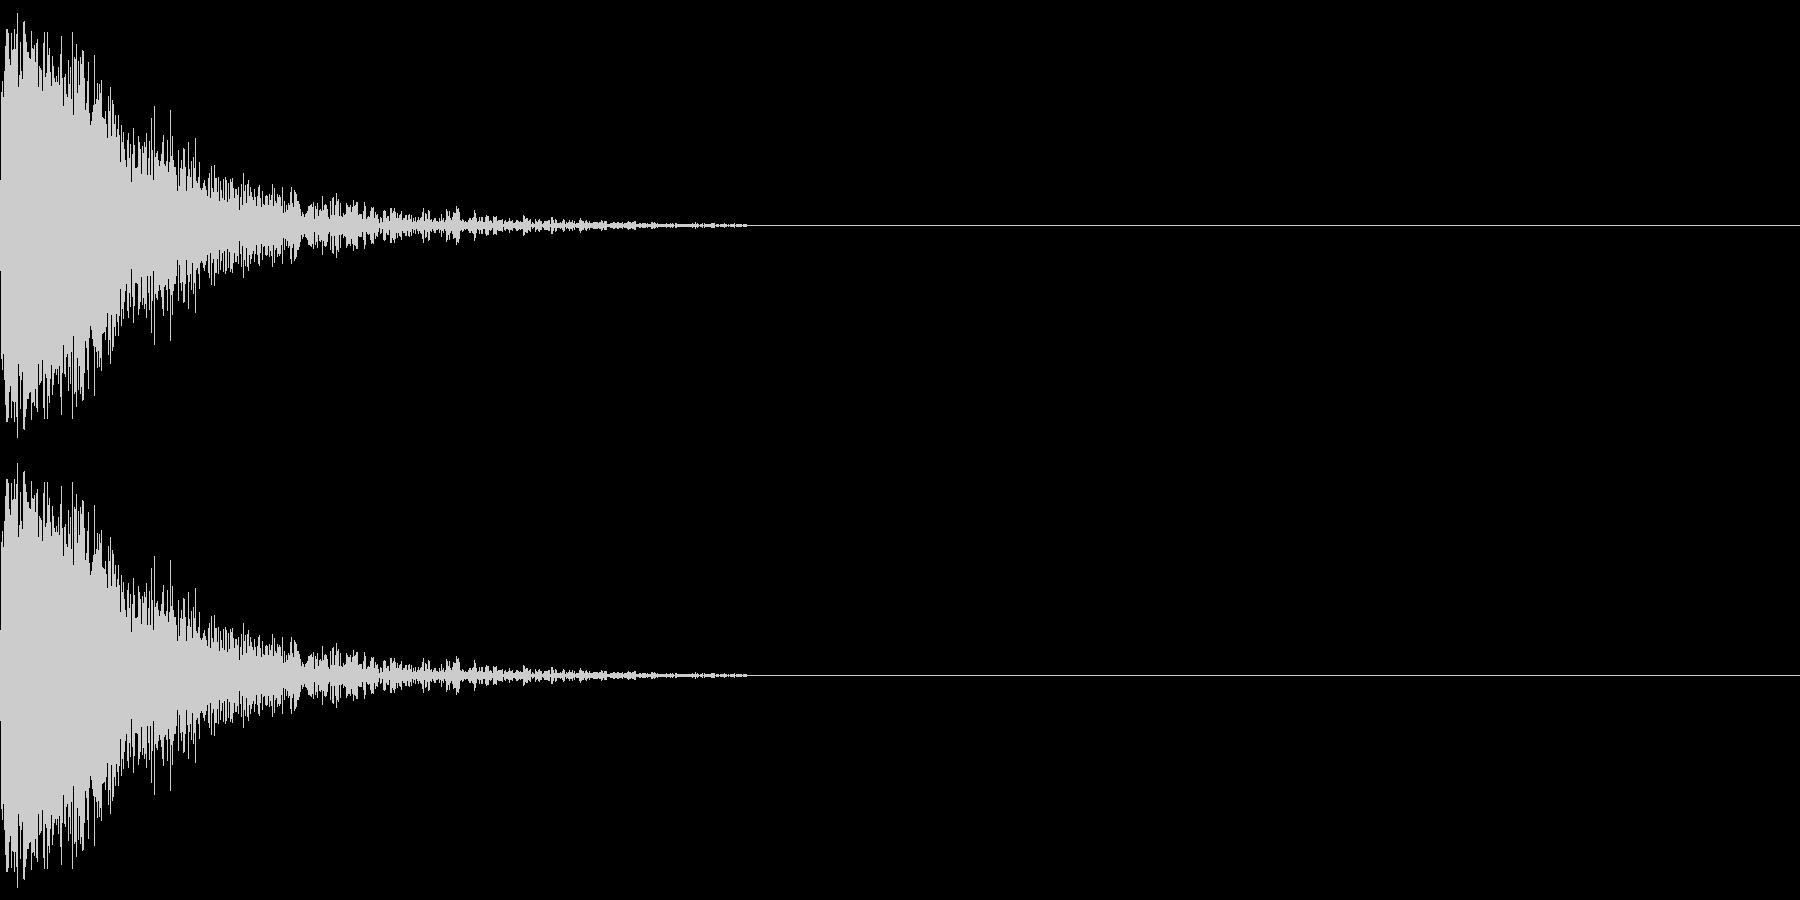 【SE】攻撃音01ヒット1発(ビシッ)の未再生の波形